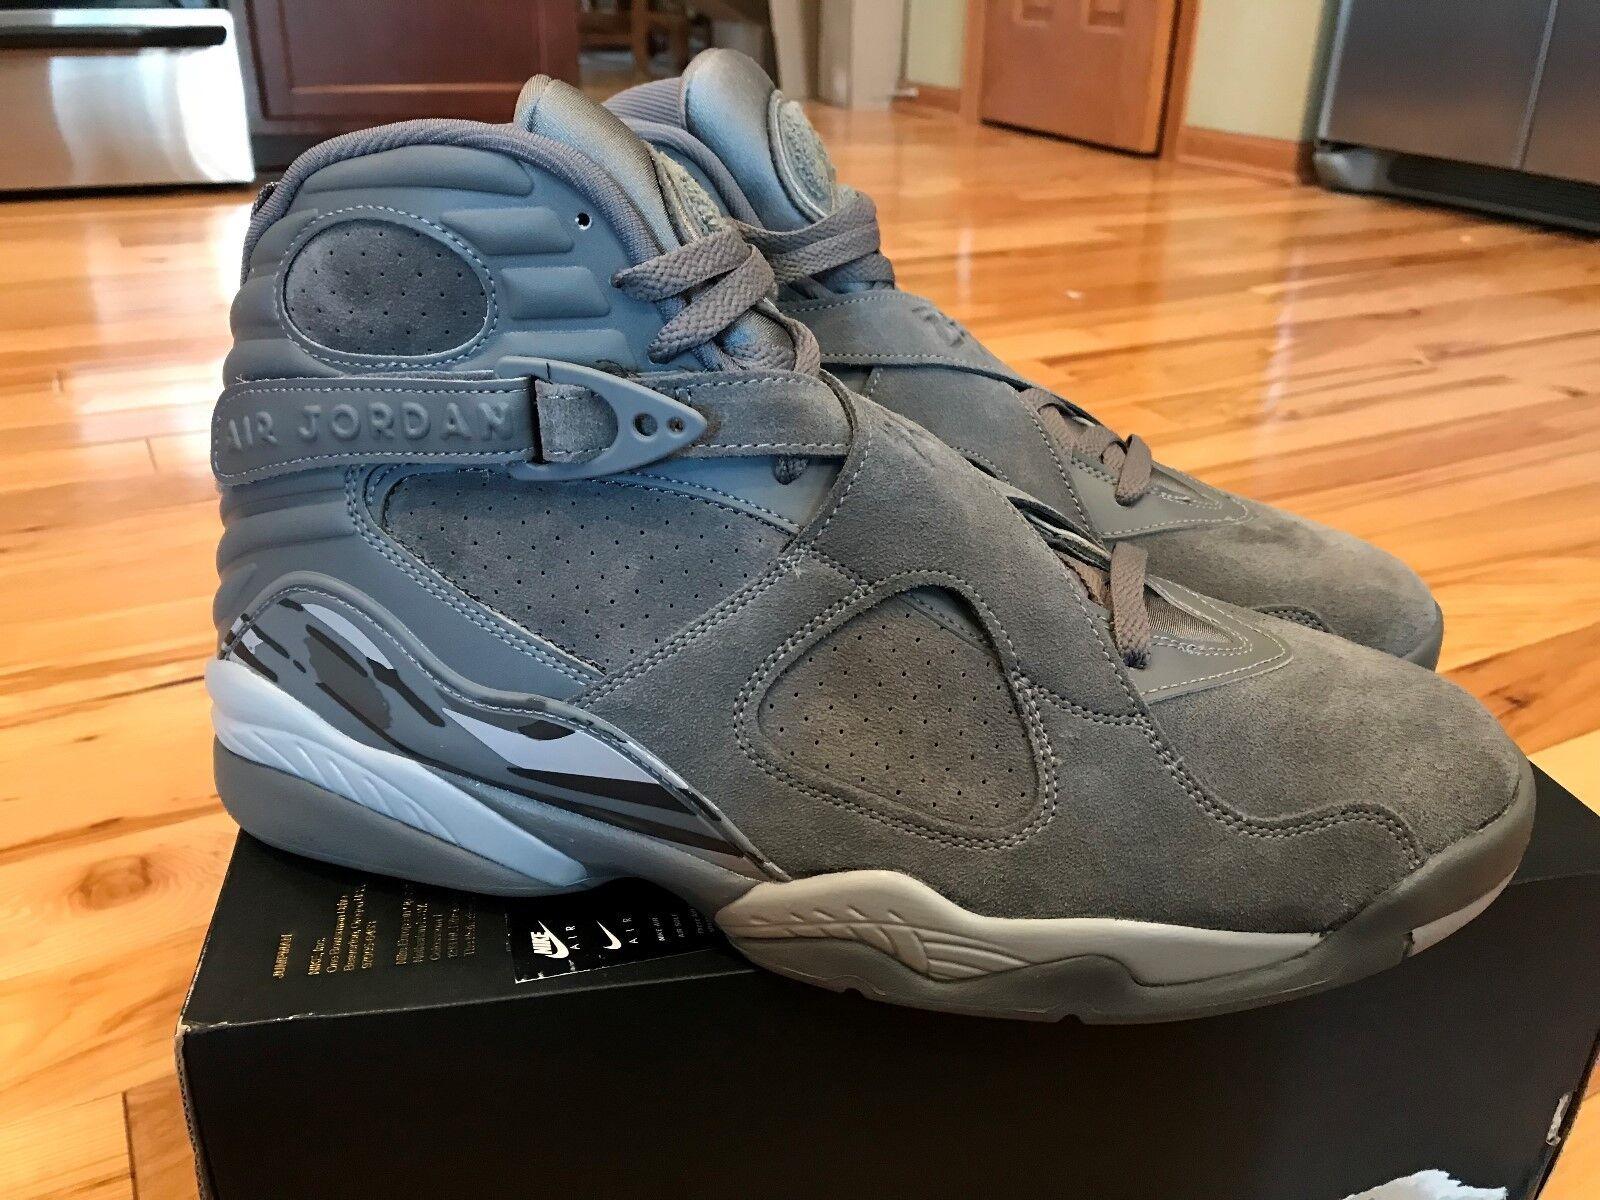 7b50634f651 Nike Air Jordan 8 Retro Cool Grey/wolf Grey Suede 305381 014 Size 15 ...